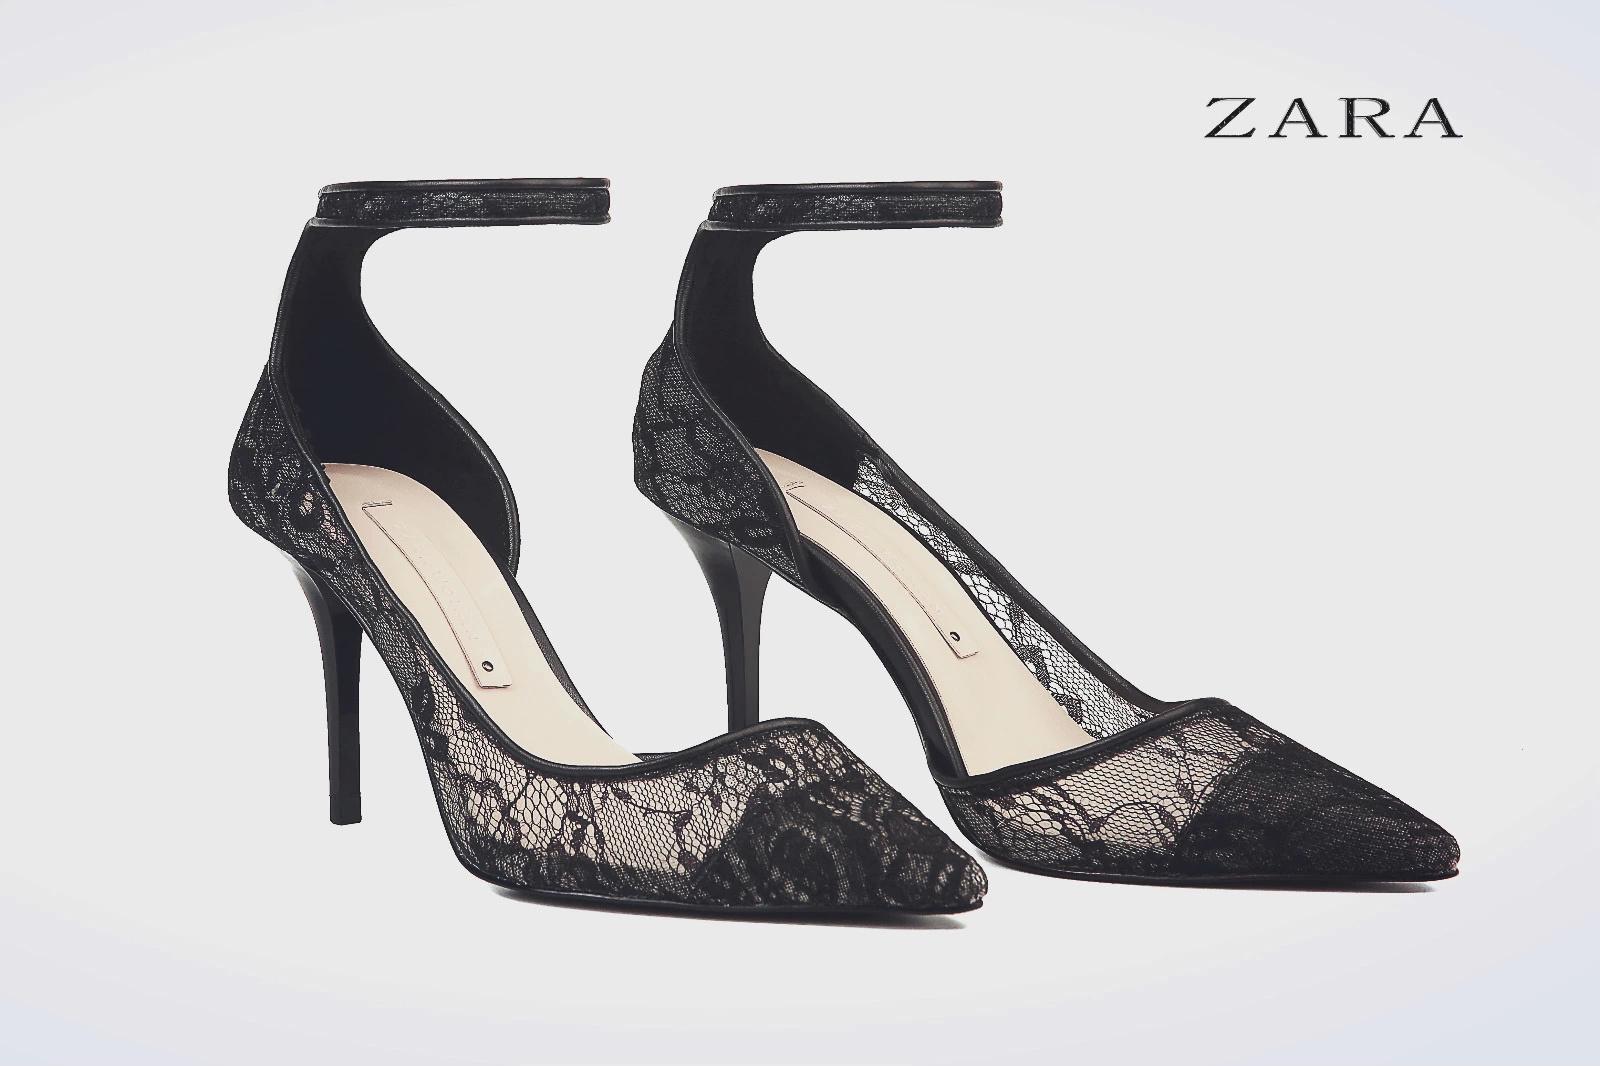 西班牙著名服装品牌zara夏季凉鞋拍摄 高端凉鞋拍摄